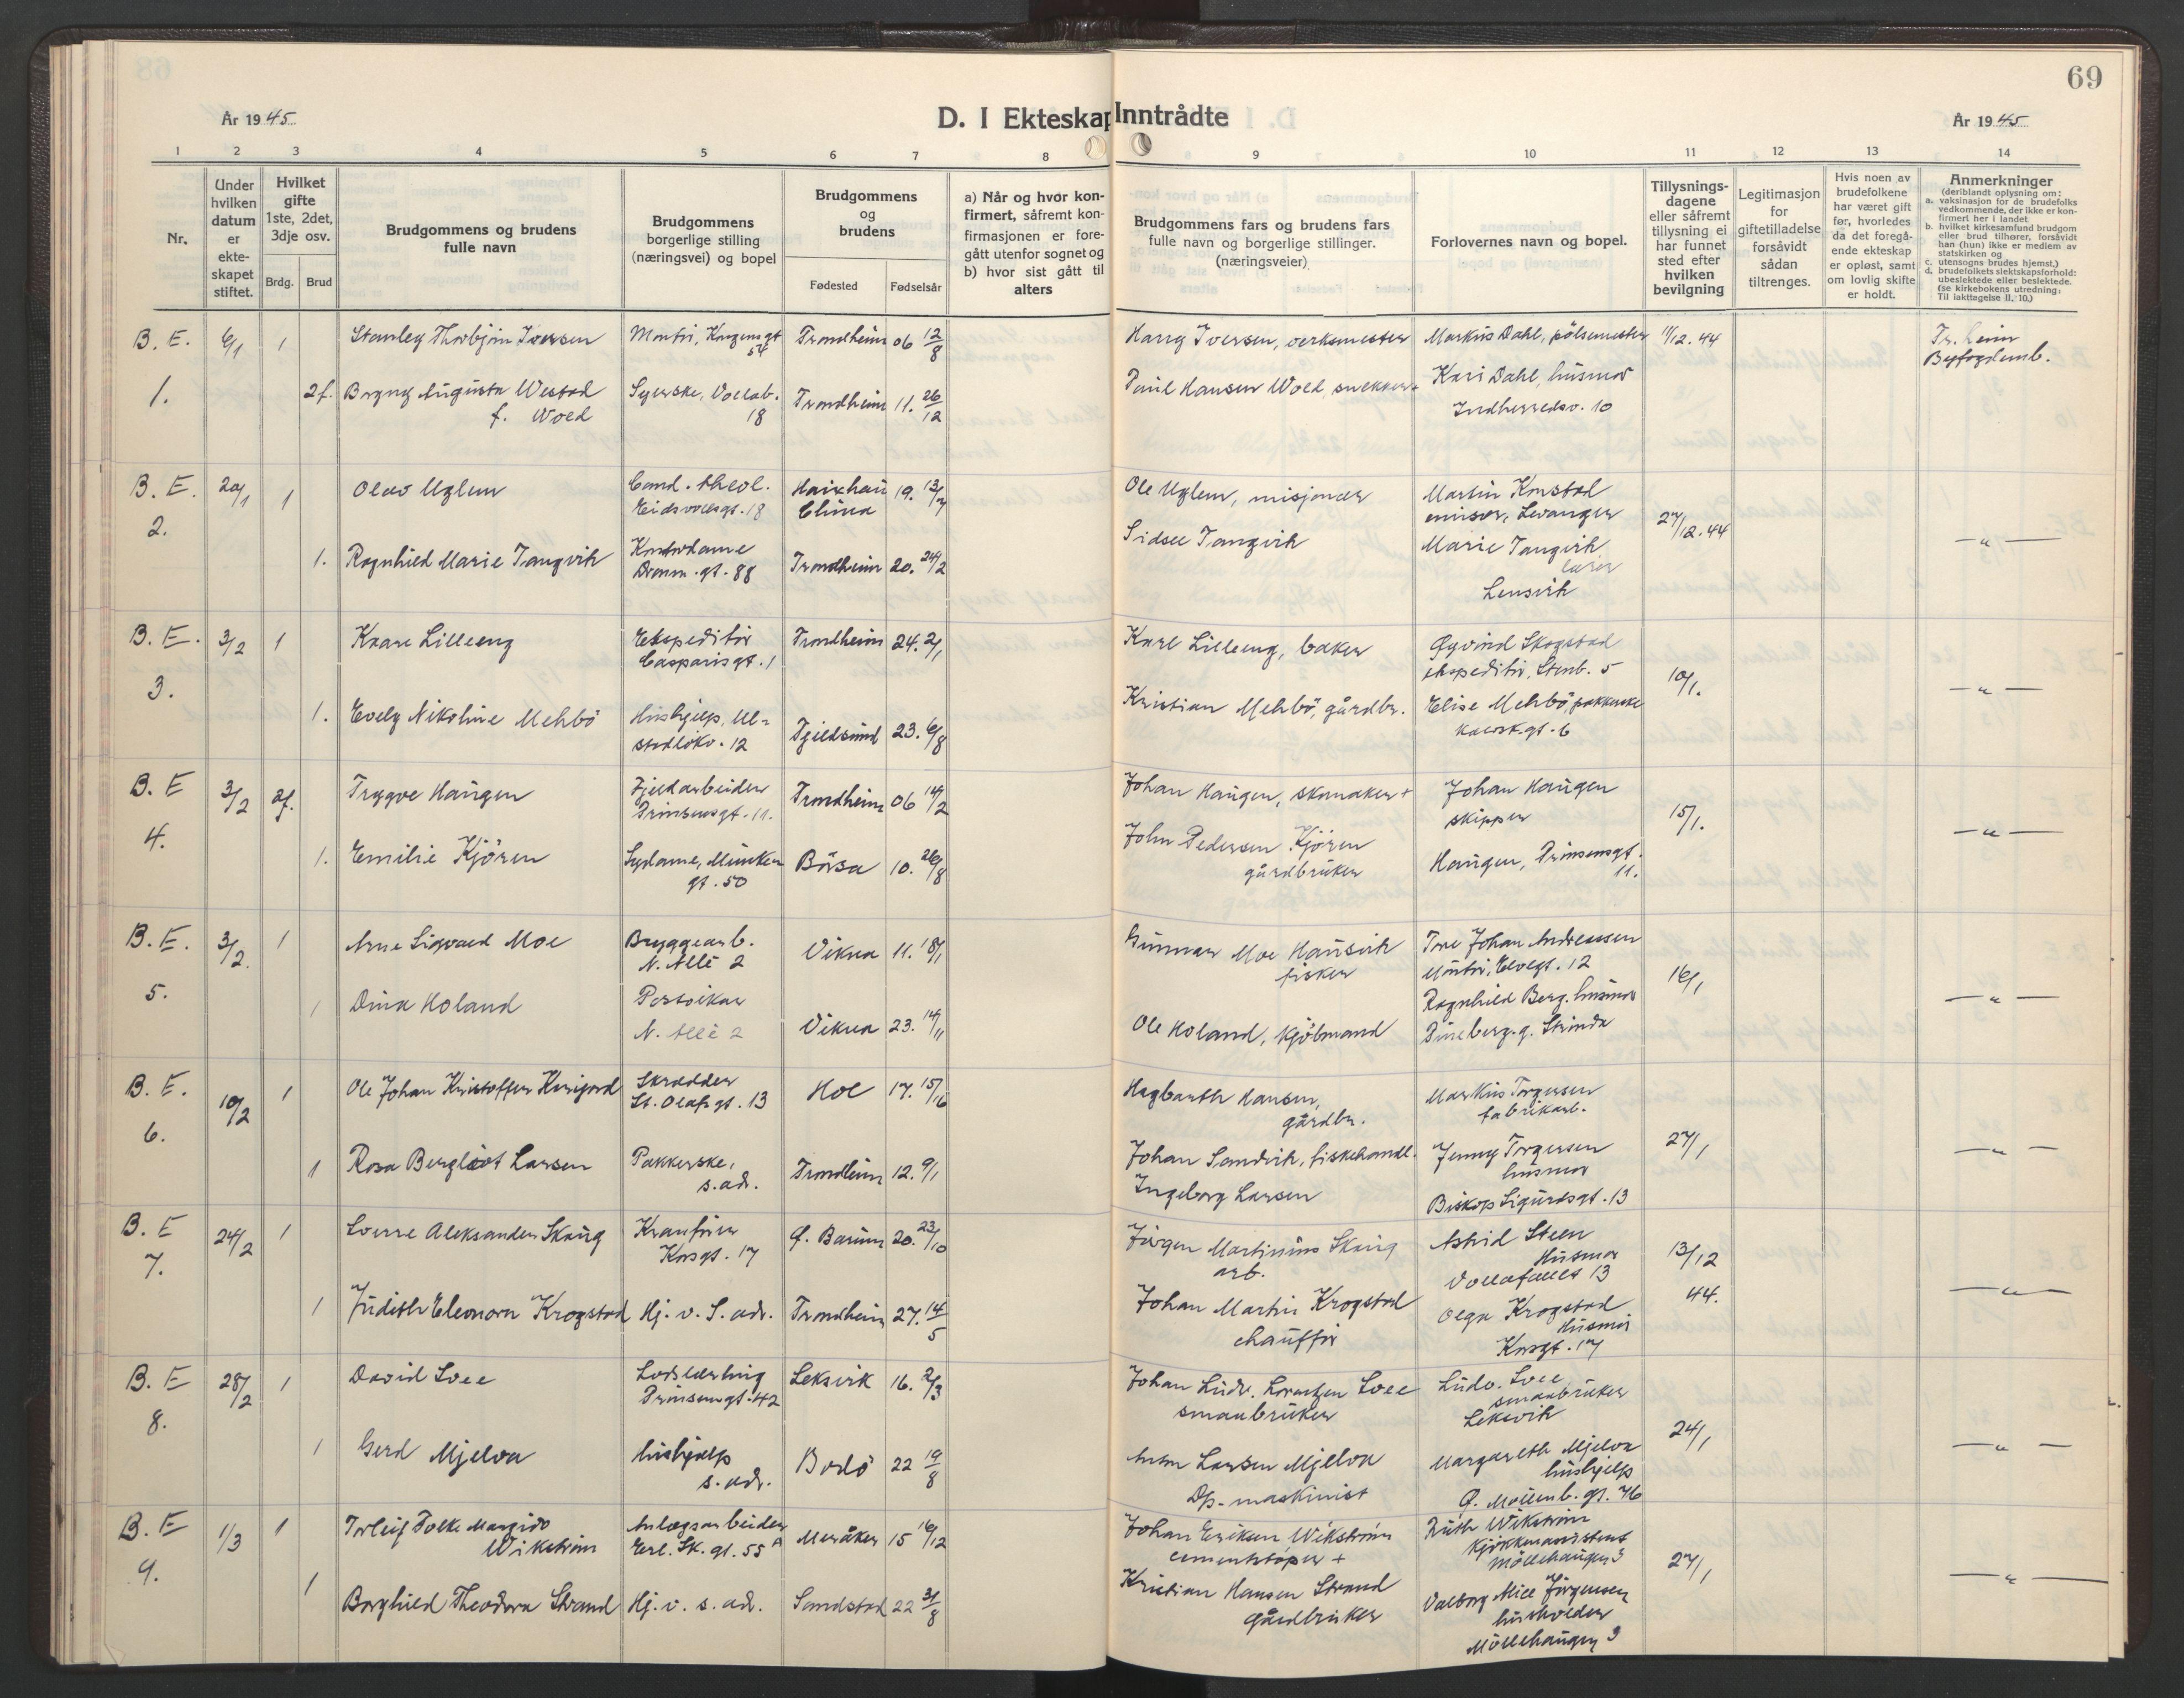 SAT, Ministerialprotokoller, klokkerbøker og fødselsregistre - Sør-Trøndelag, 602/L0154: Klokkerbok nr. 602C22, 1940-1947, s. 69